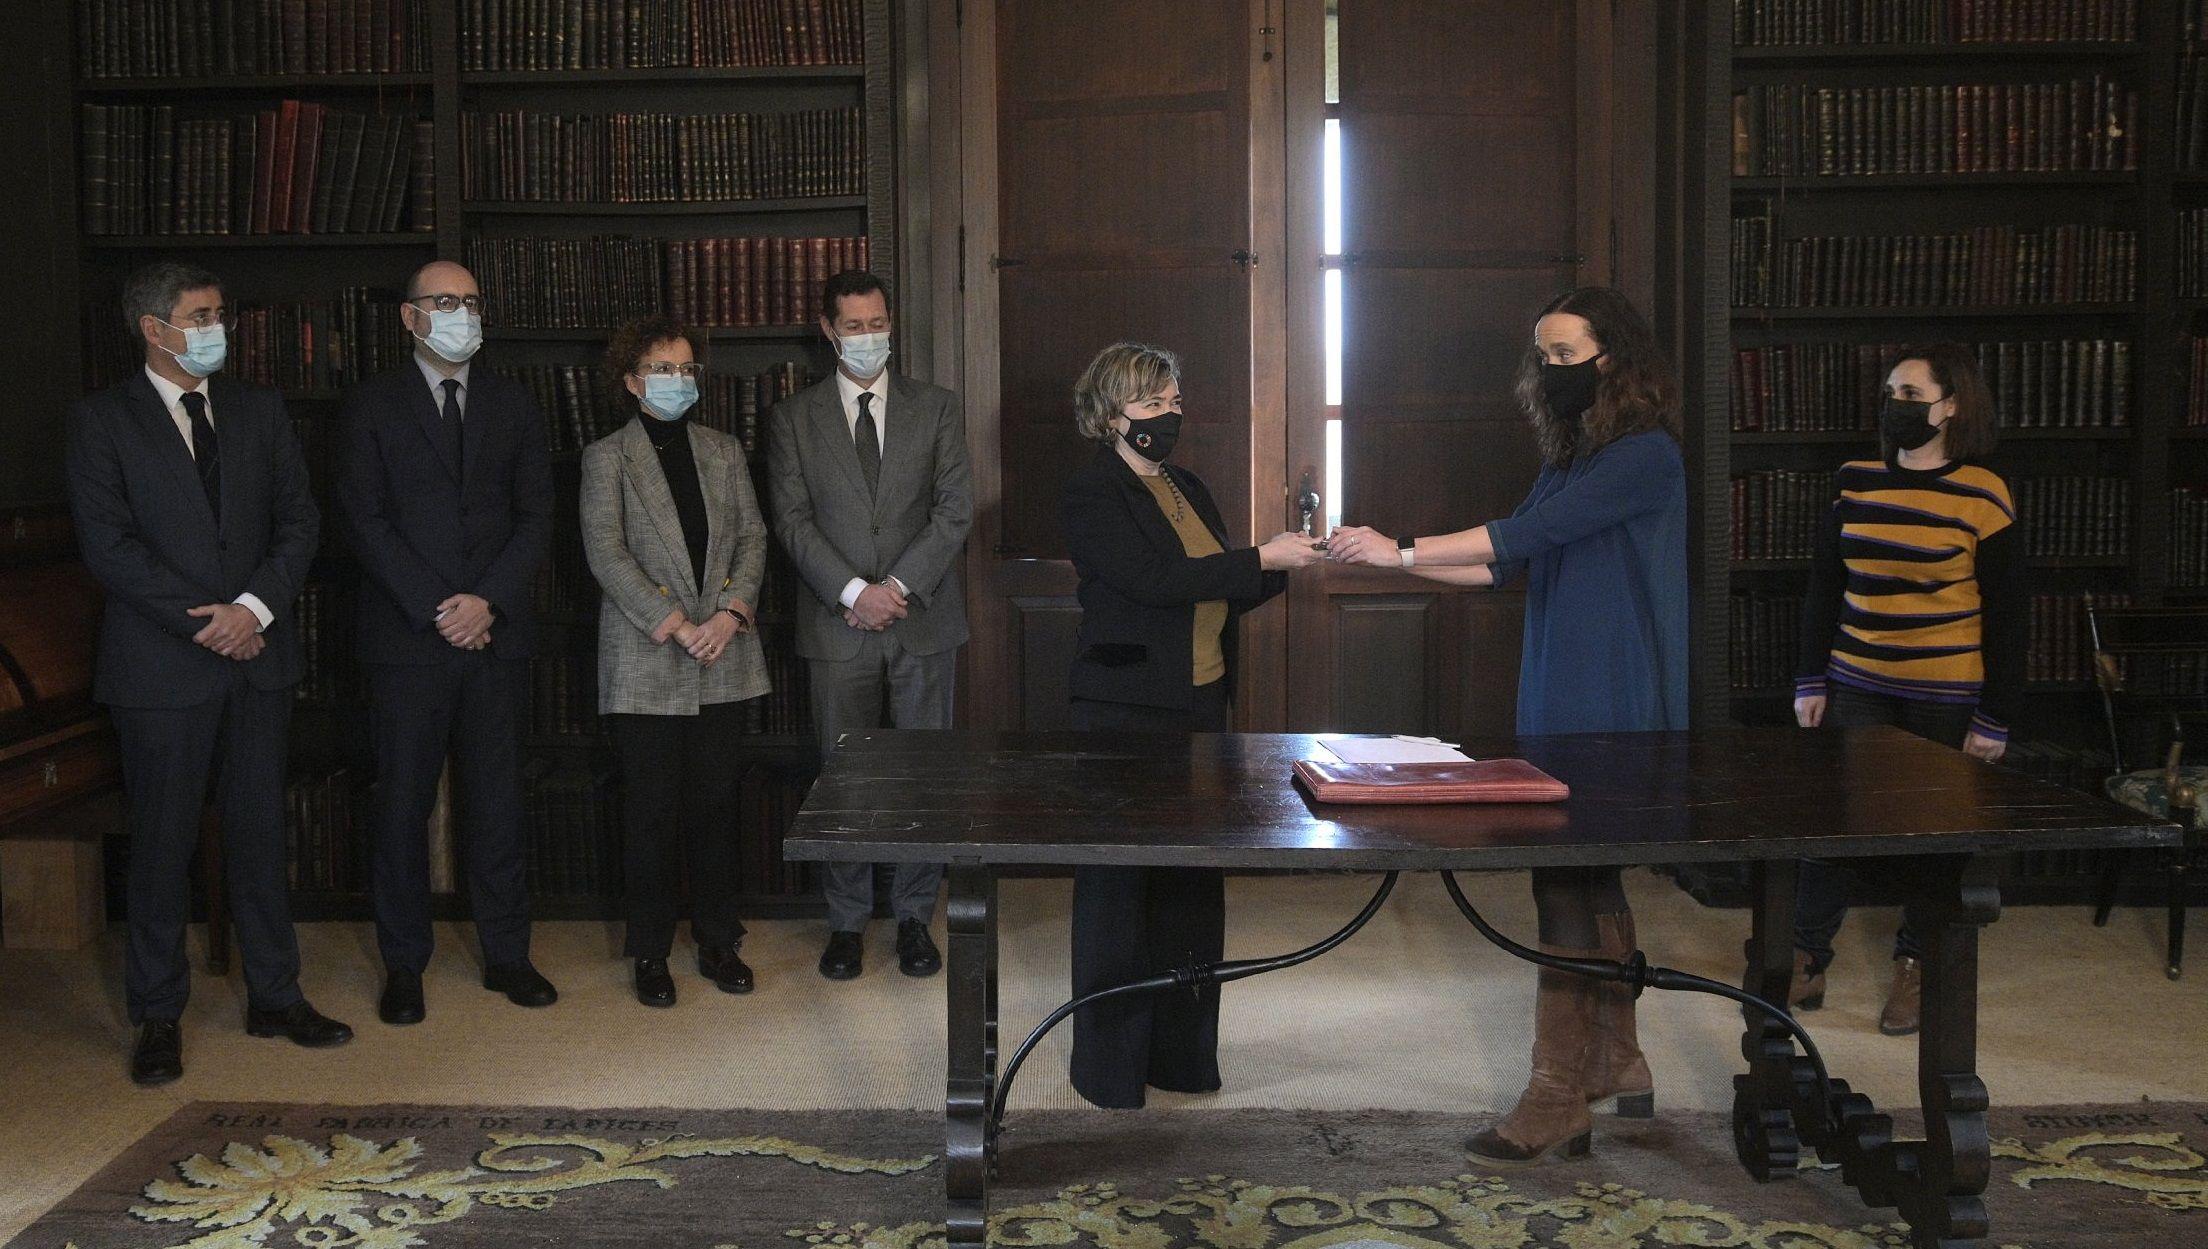 10 de diciembre en Meirás. La jueza Marta Canales (derecha) entrega las llaves del pazo a la abogada general del Estado, Consuelo Castro. En el acto estaban presentes los abogados del Estado, de la Xunta y del Concello de Sada